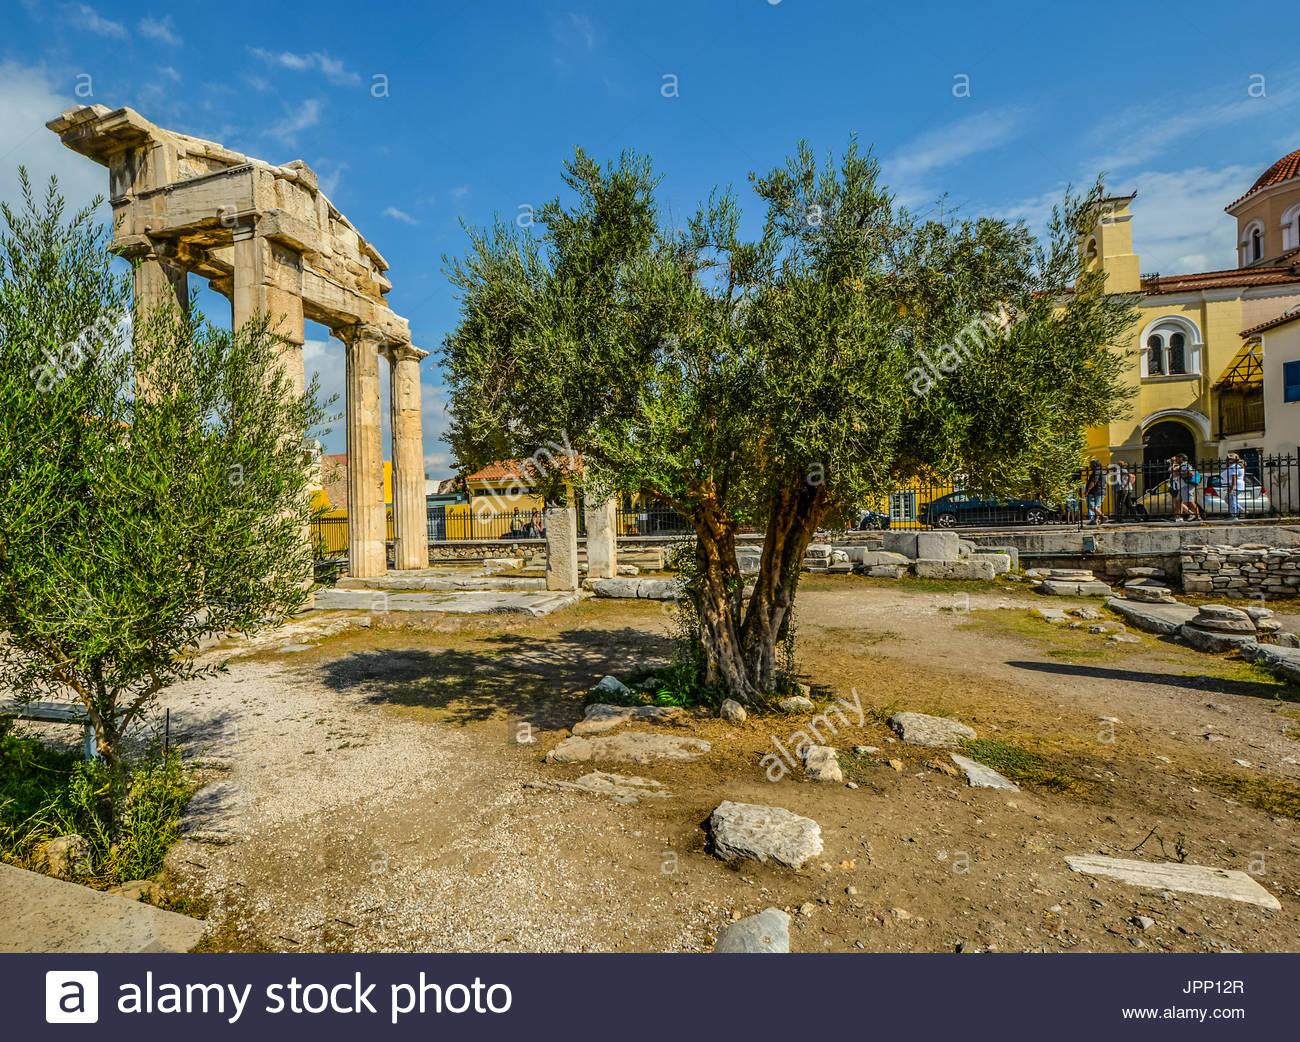 Das Tor der Athena Archegetis in dem Roman Agora in Athen Griechenland an einem warmen Sommertag mit einem Olivenbaum im Vordergrund Stockbild